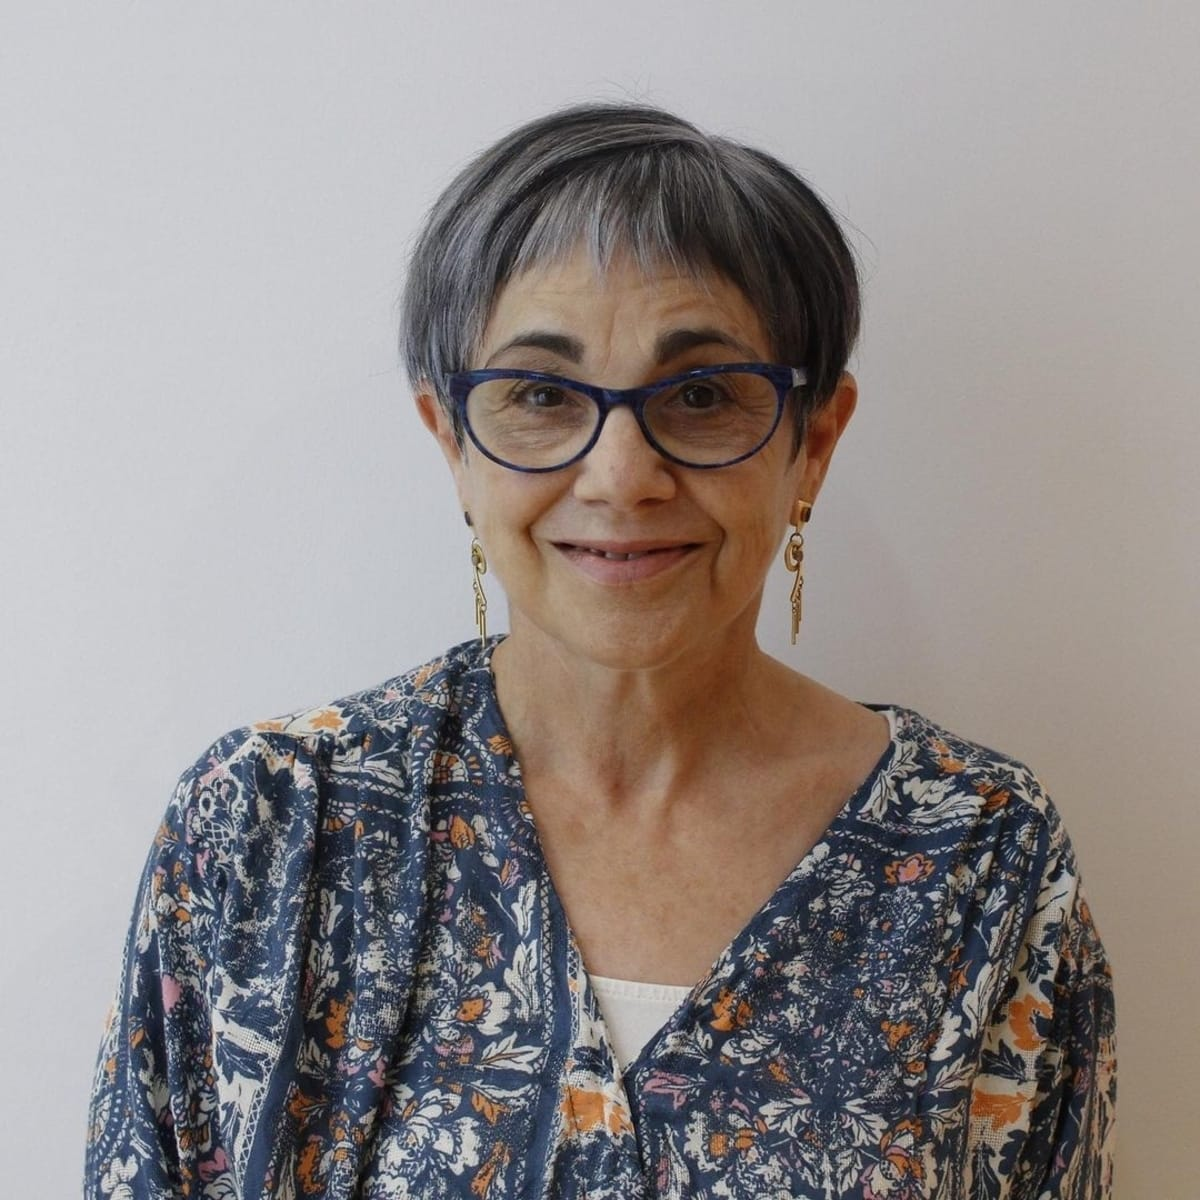 Peinado pixie asimétrico con gafas en mujeres mayores